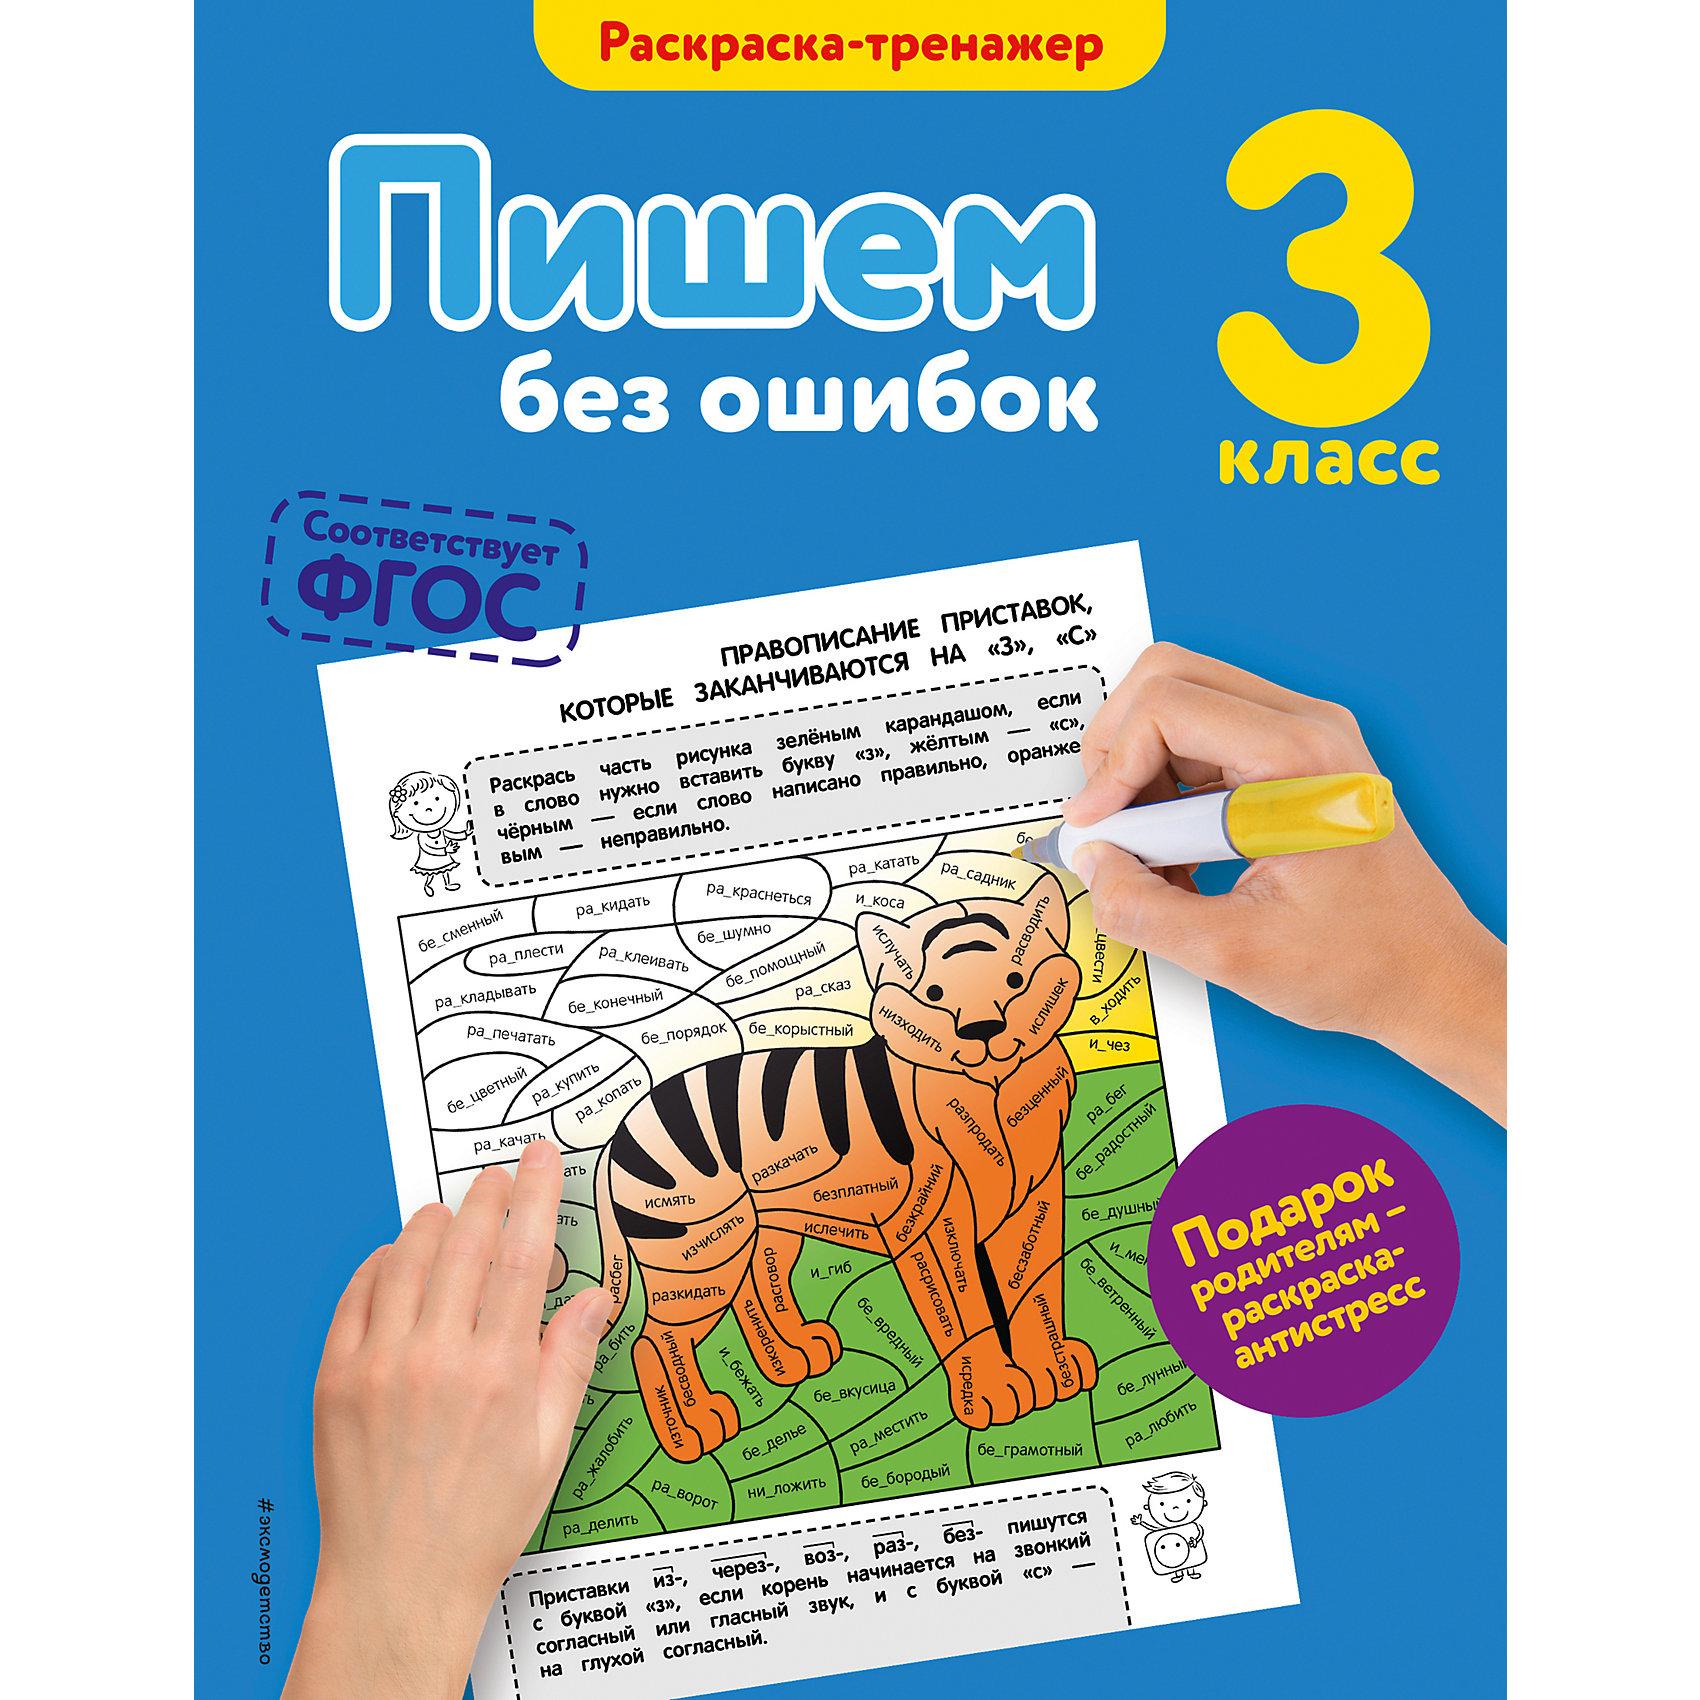 Пишем без ошибок, 3-й классПособие представляет собой раскраску-тренажёр, которая поможет ученику 3-го класса закрепить навыки грамотного письма, а также развить мелкую моторику, логику и внимание.<br>     В книге 31 задание на буквы и раскрашивание, цветная вкладка с рисунками-ответами, раскраской-антистрессом для родителей и грамотой, которой школьник награждается за старание и любознательность. Нестандартная подача материала в пособии поможет увеличить эффективность занятий.<br><br>Ширина мм: 255<br>Глубина мм: 197<br>Высота мм: 2<br>Вес г: 113<br>Возраст от месяцев: 108<br>Возраст до месяцев: 120<br>Пол: Унисекс<br>Возраст: Детский<br>SKU: 5098434